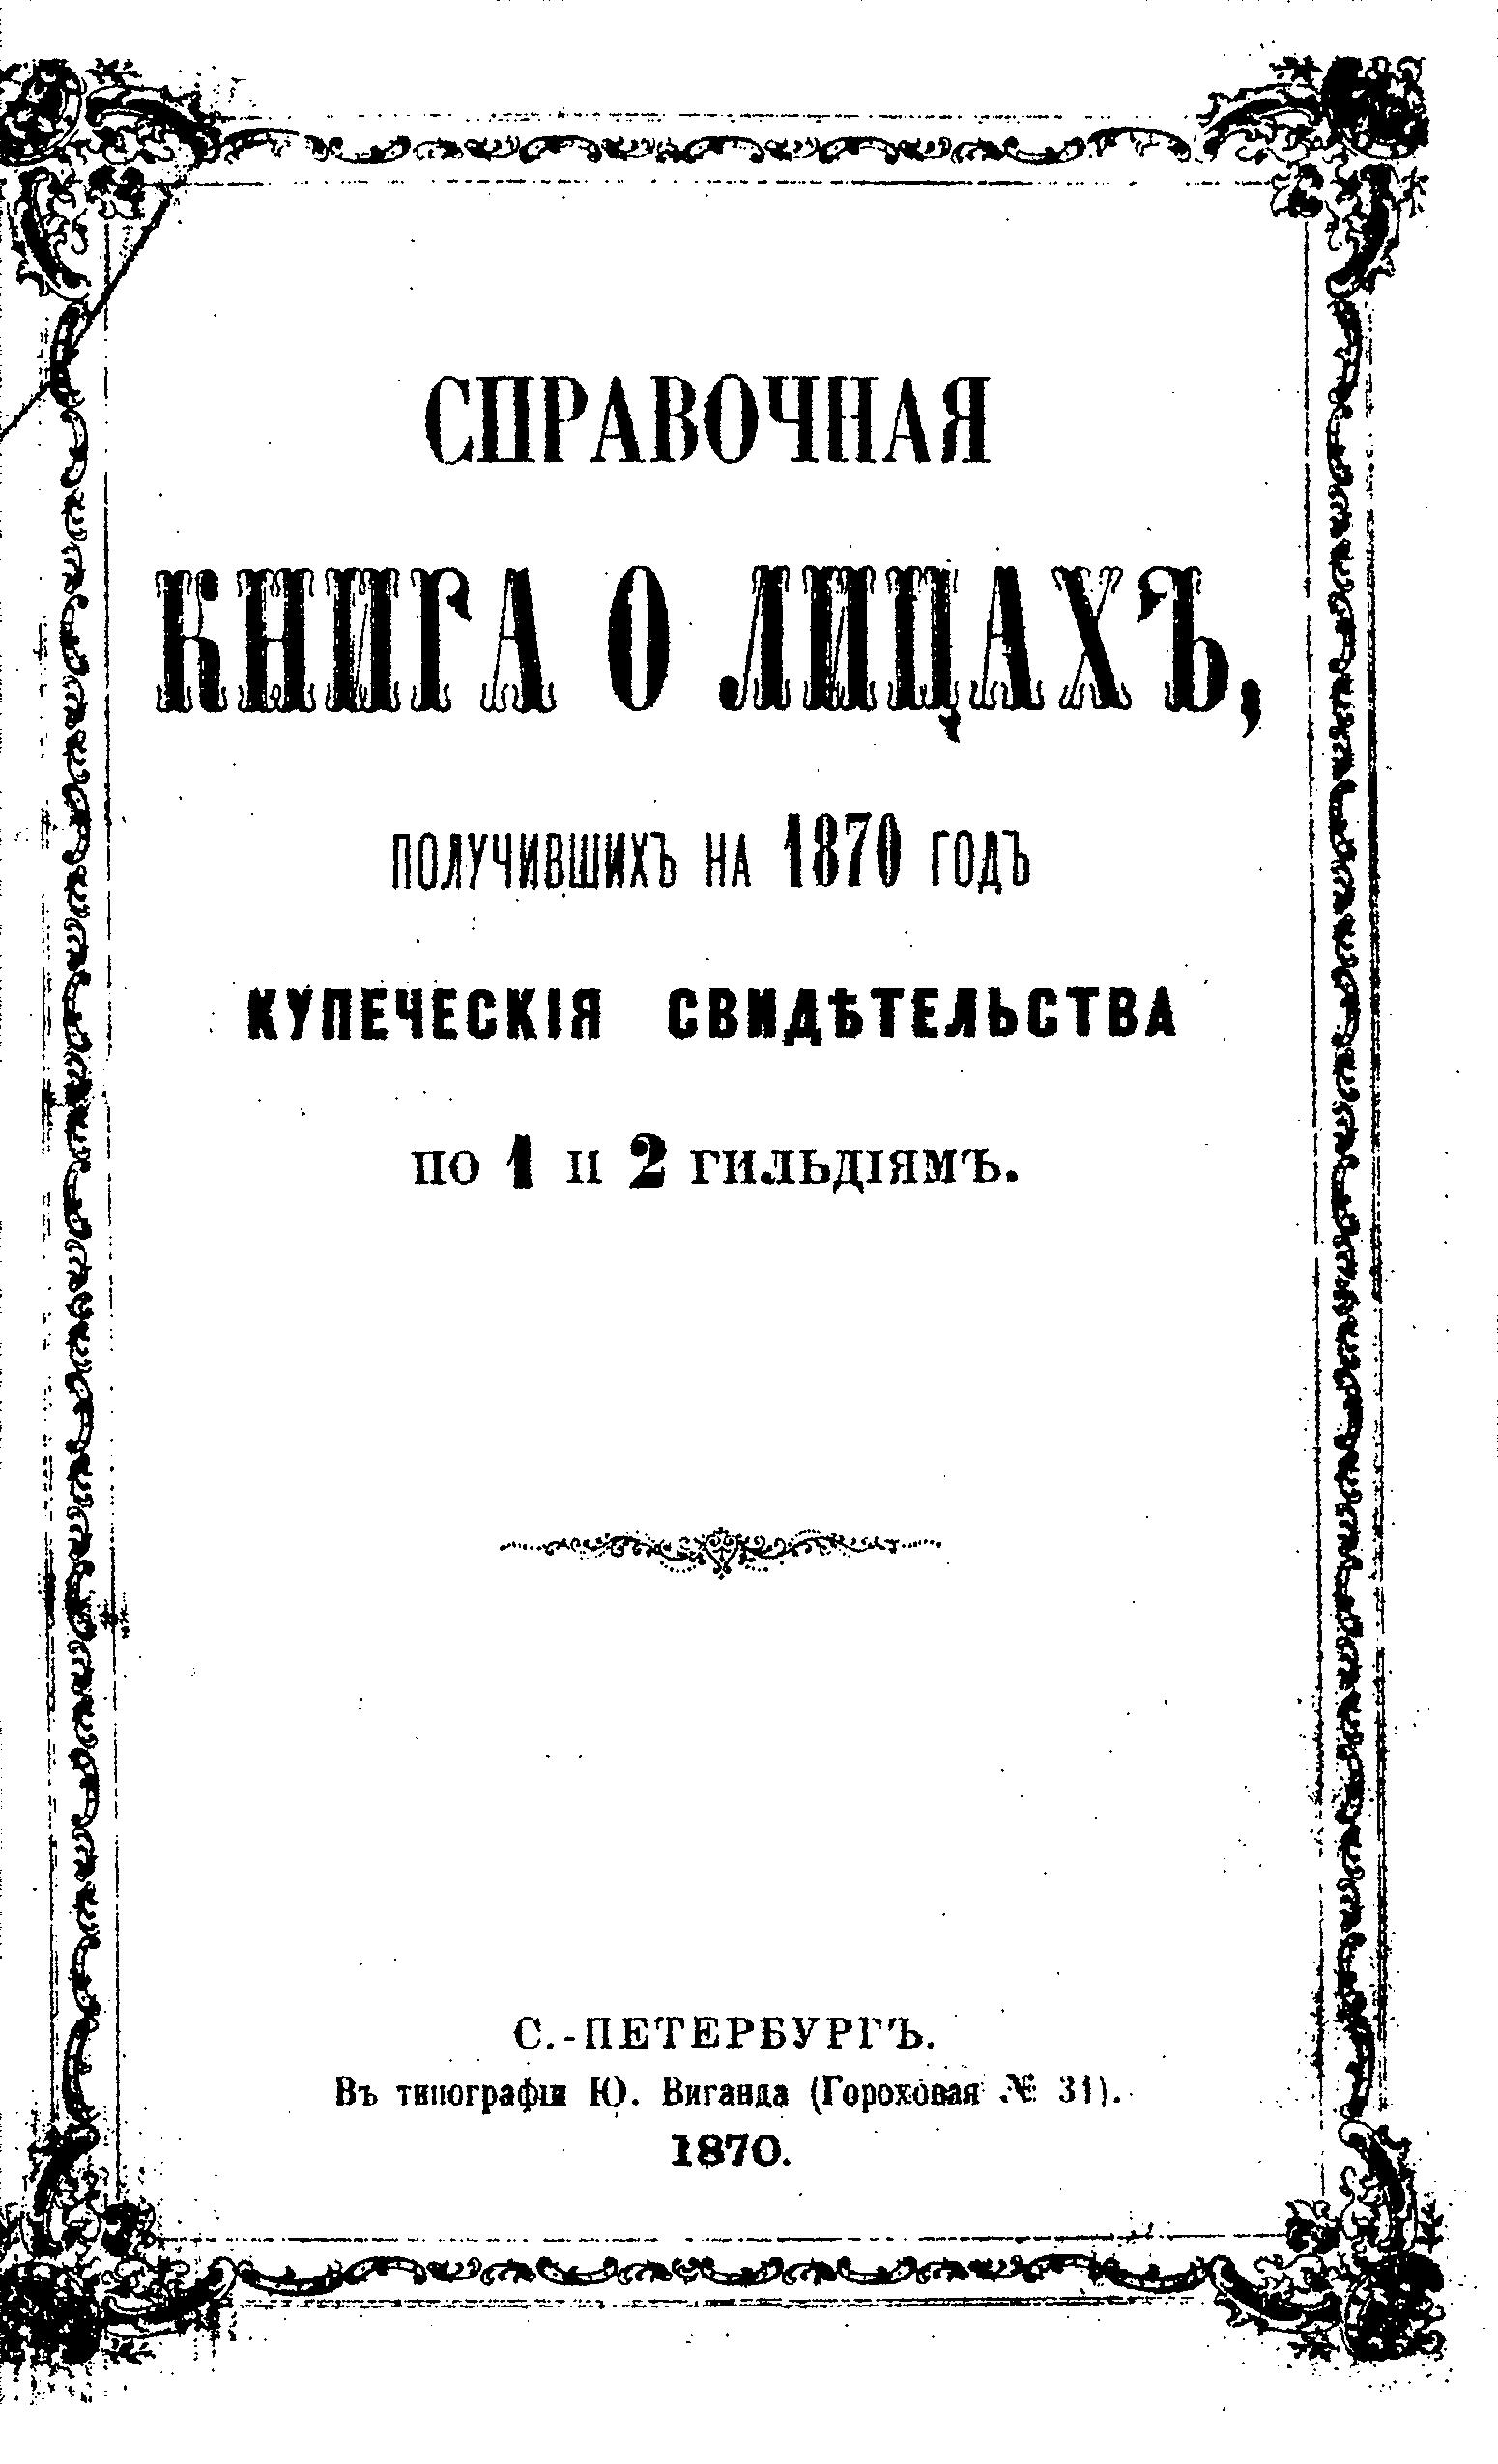 Коллектив авторов Справочная книга о купцах С.-Петербурга на 1870 год цена